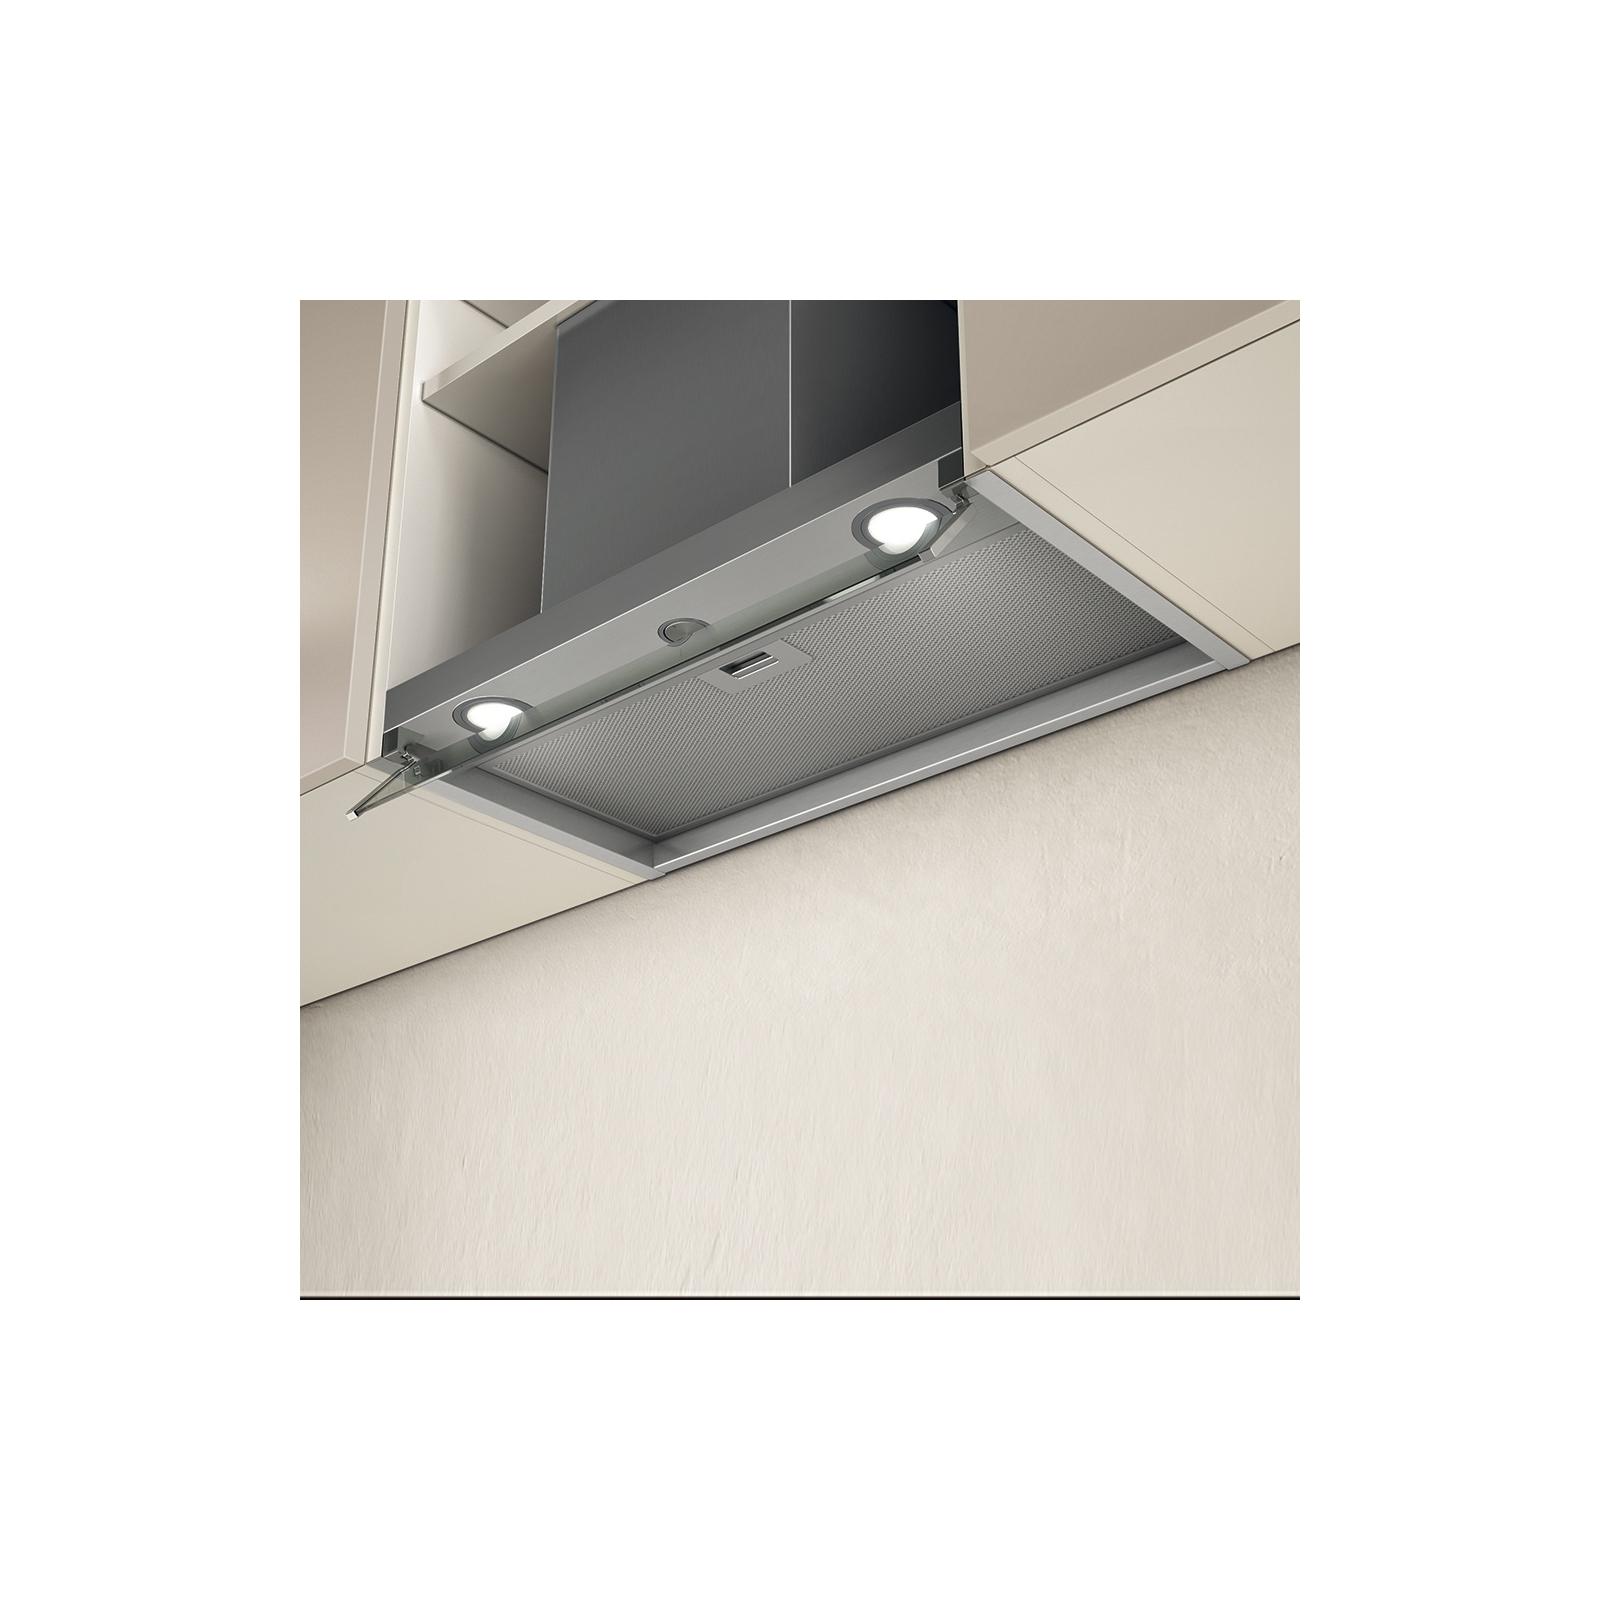 Вытяжка кухонная ELICA BOX IN IX/A/60 изображение 2